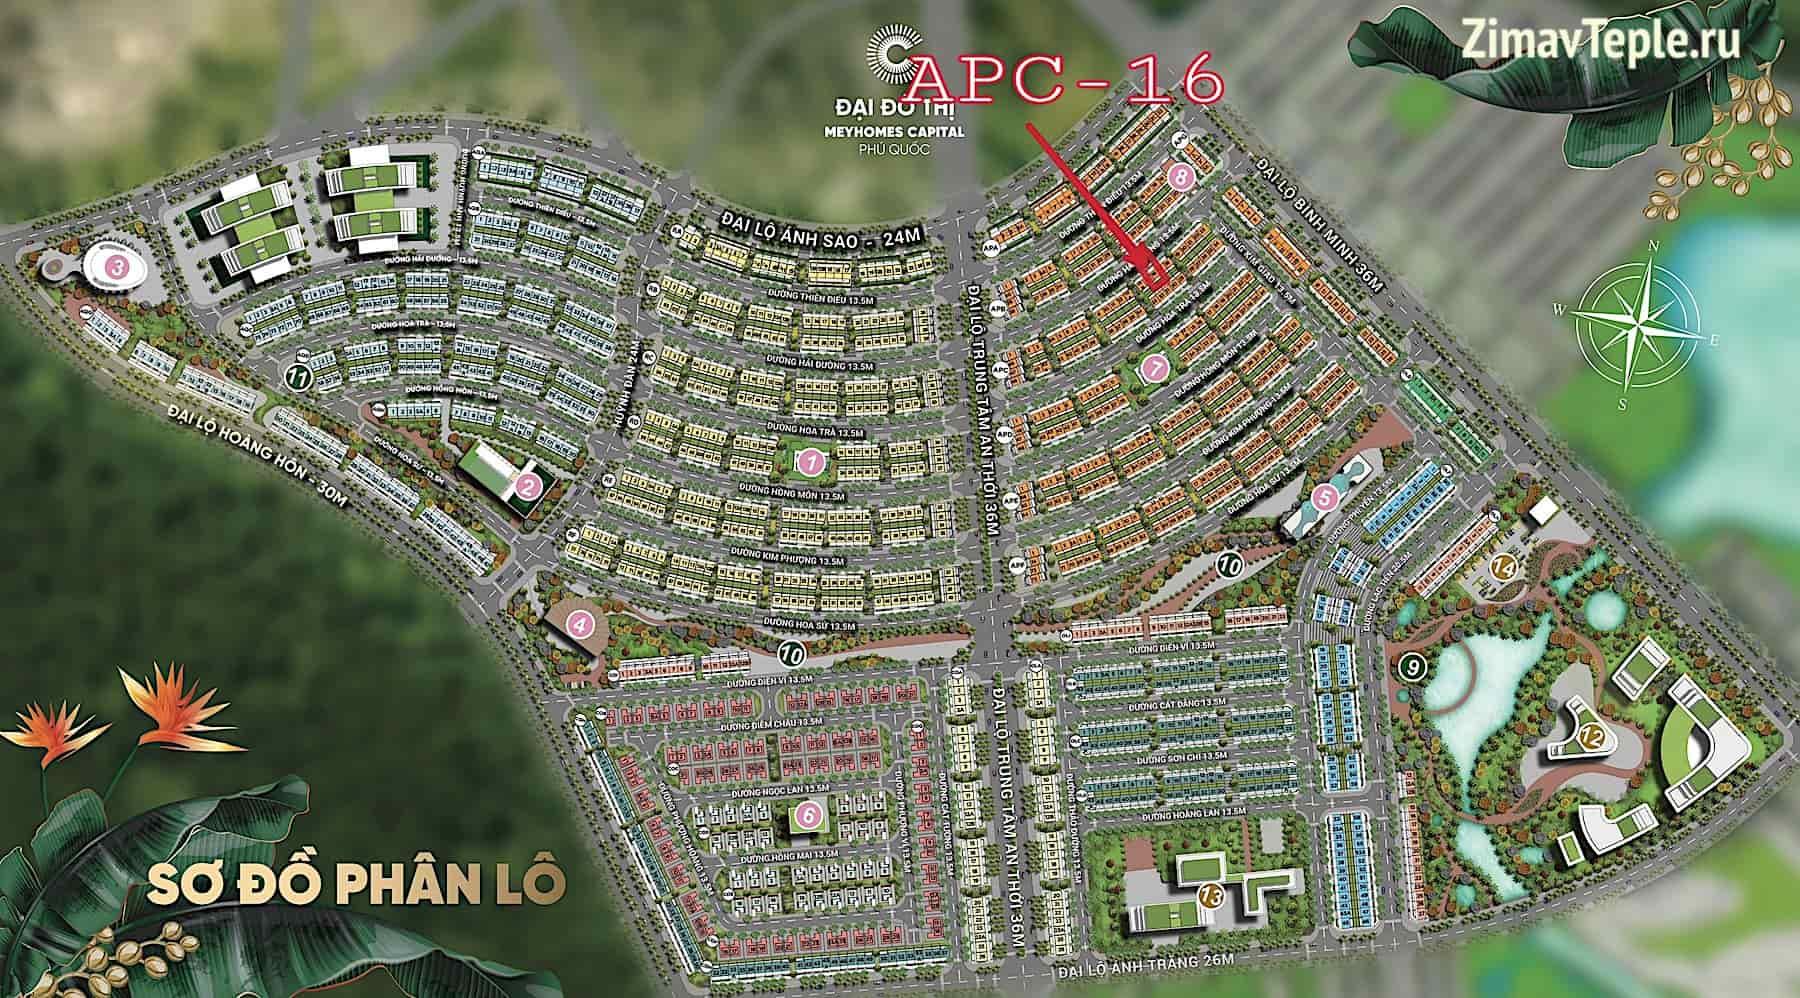 Расположение АРС -16 на карте поселка АПРИКОТ